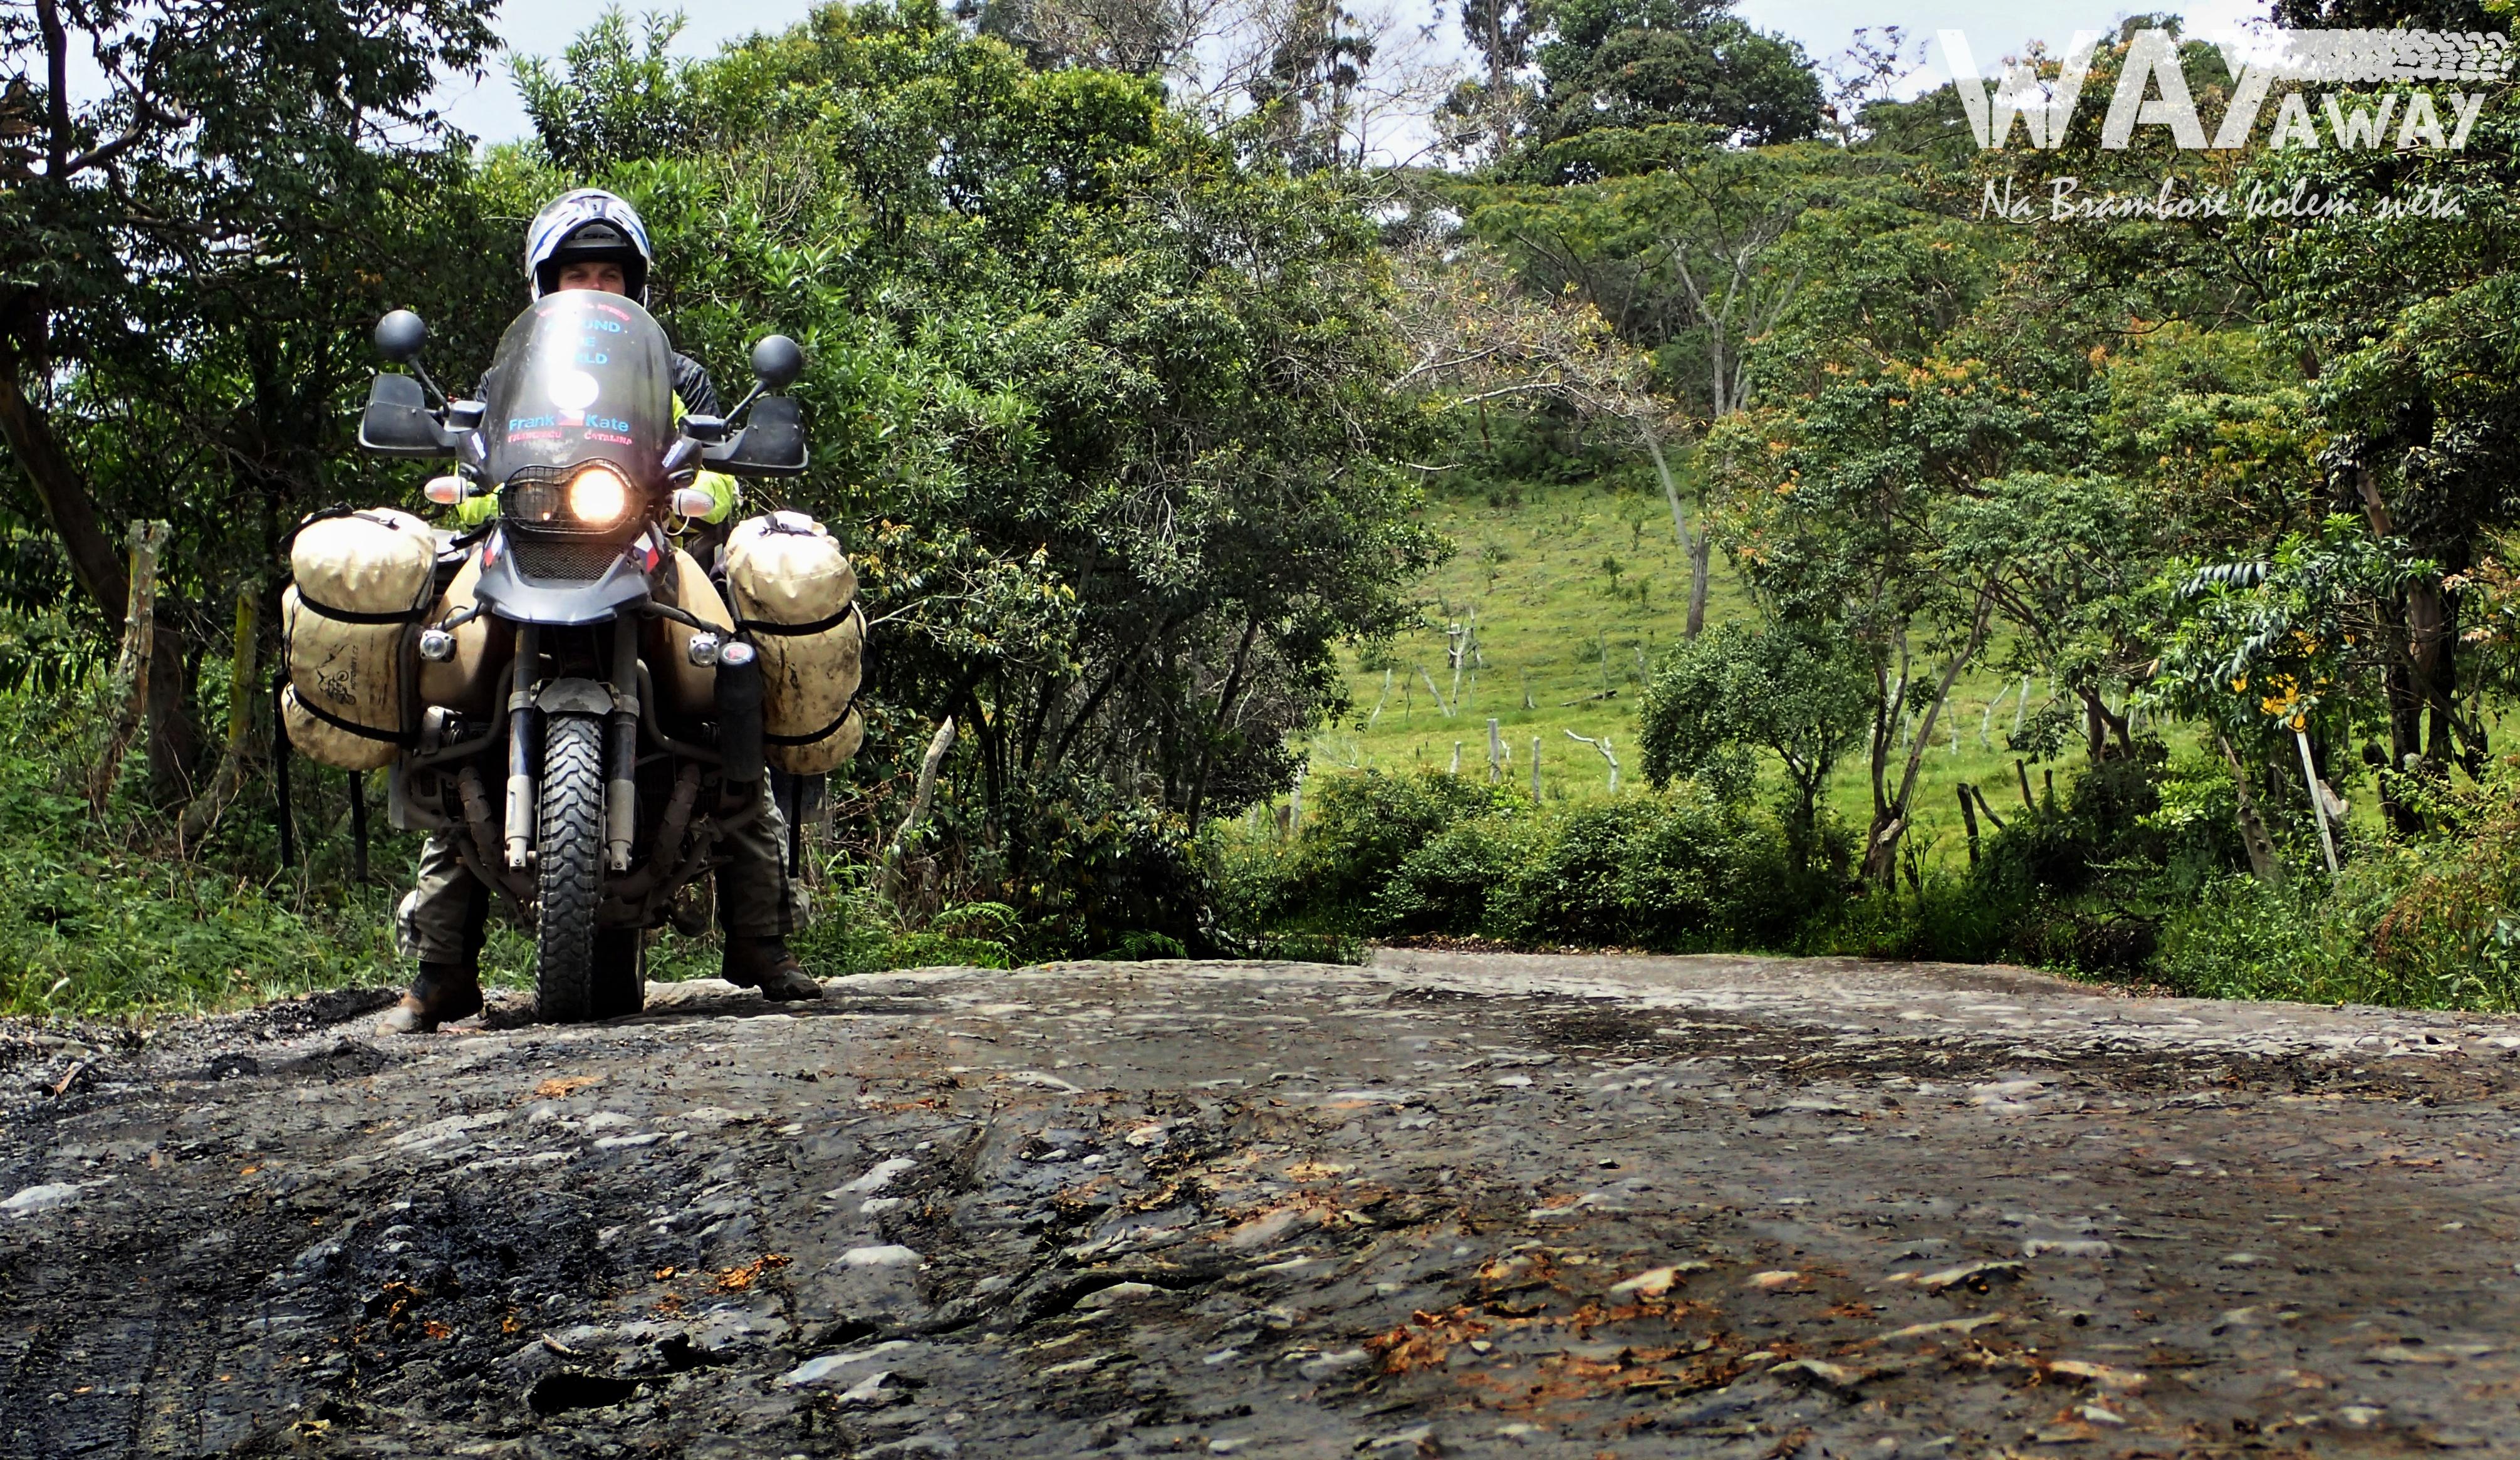 Cestou necestou překrásnou Kolumbií